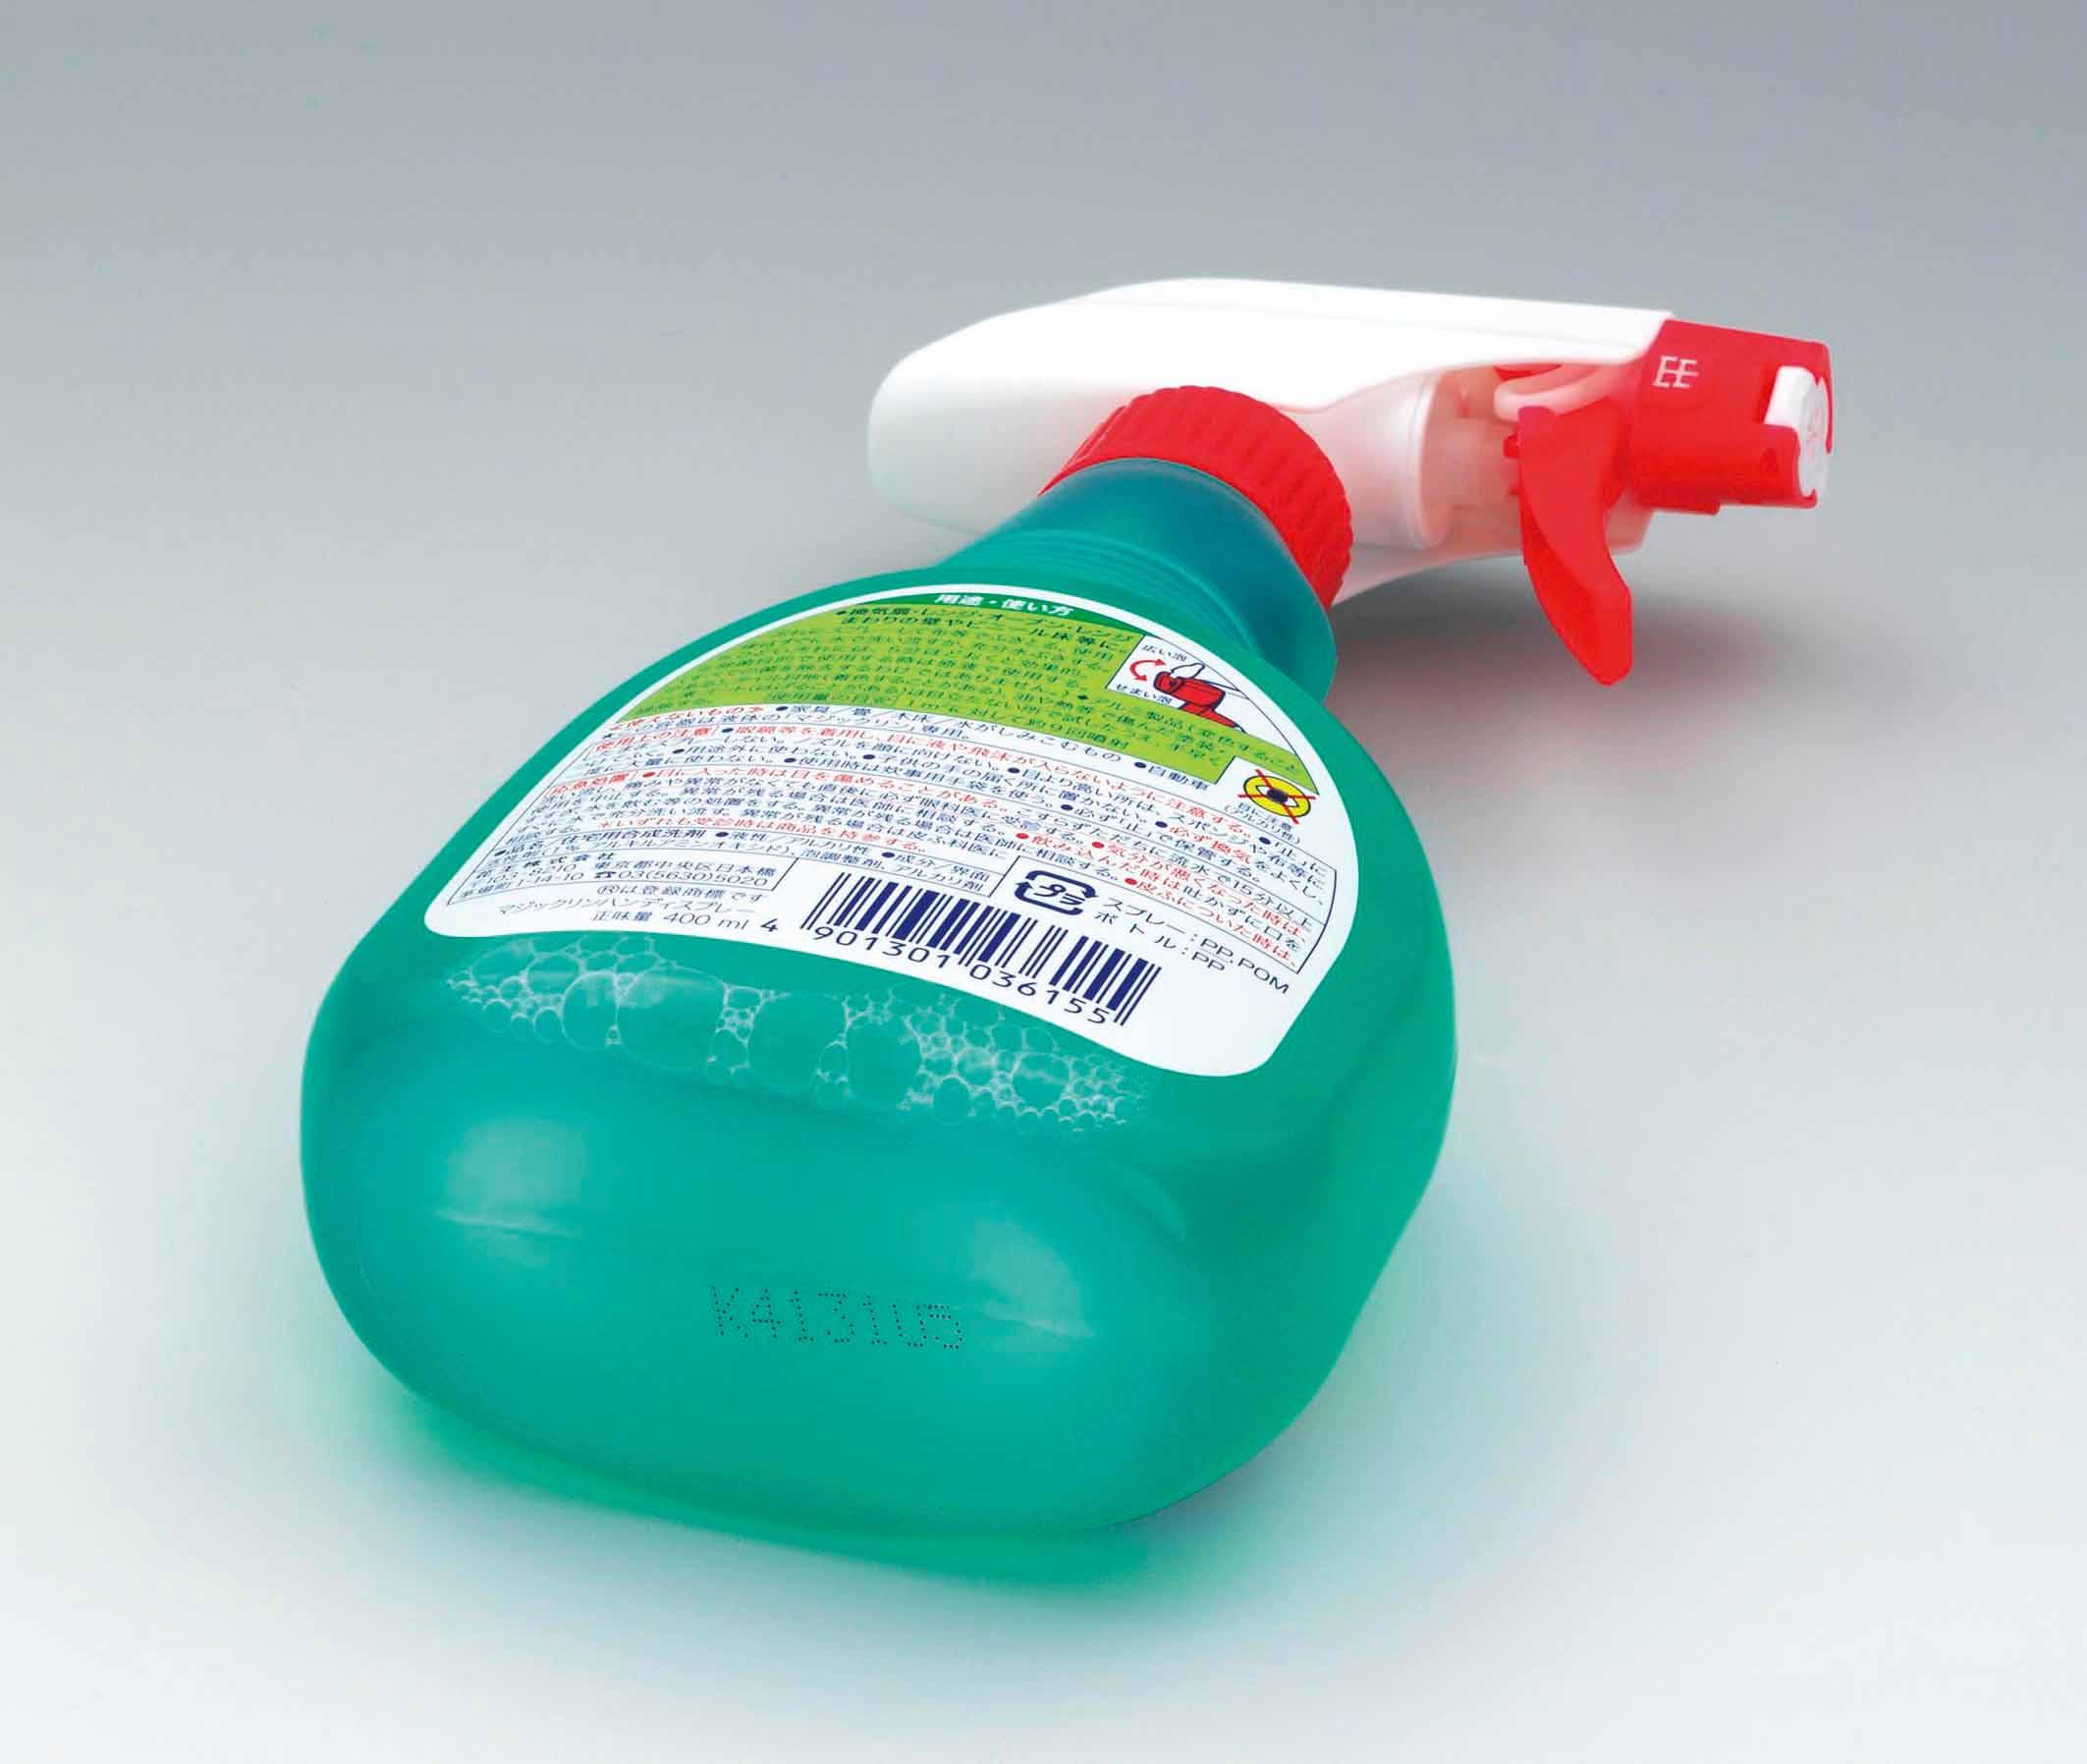 84消毒液外包装生产日期油墨喷码机与激光机的区别